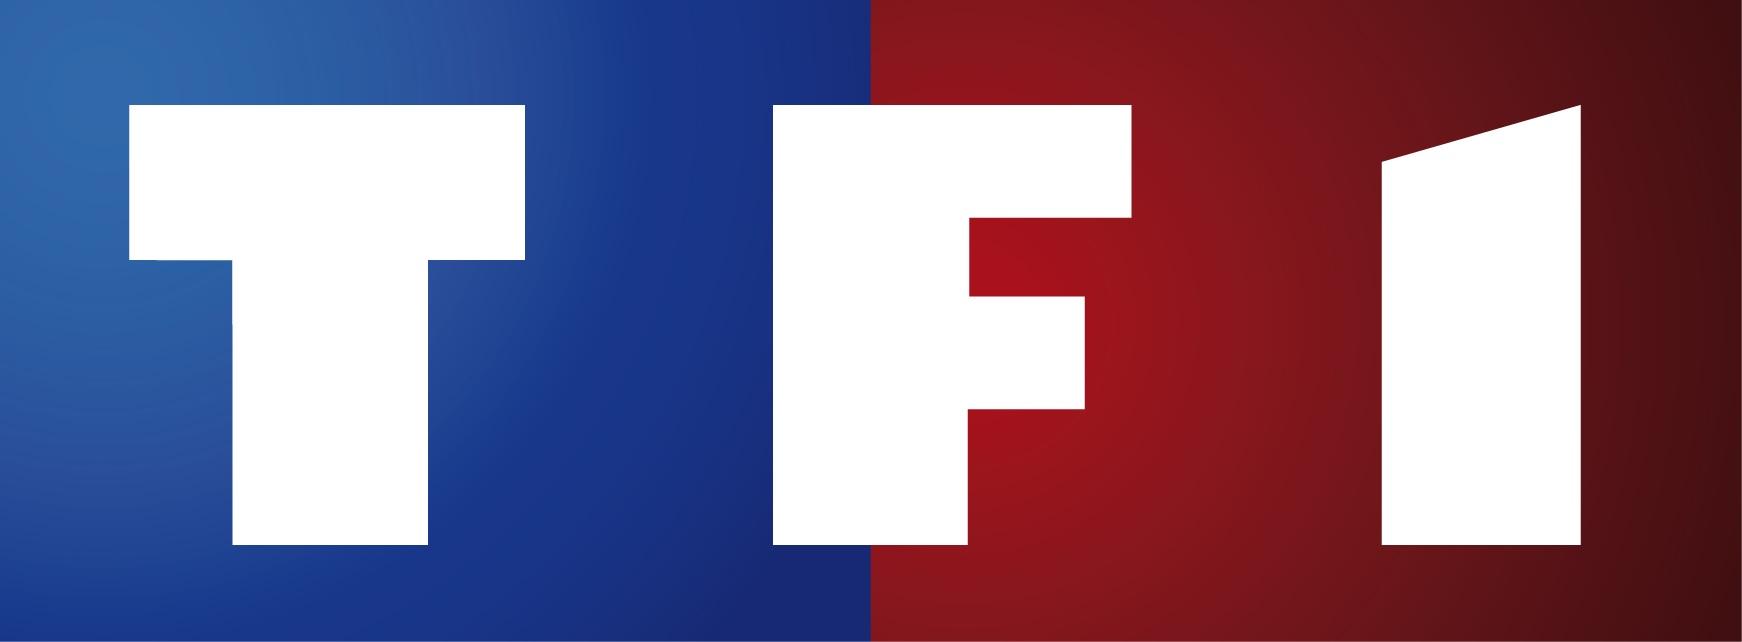 Rencontre en ligne tf1